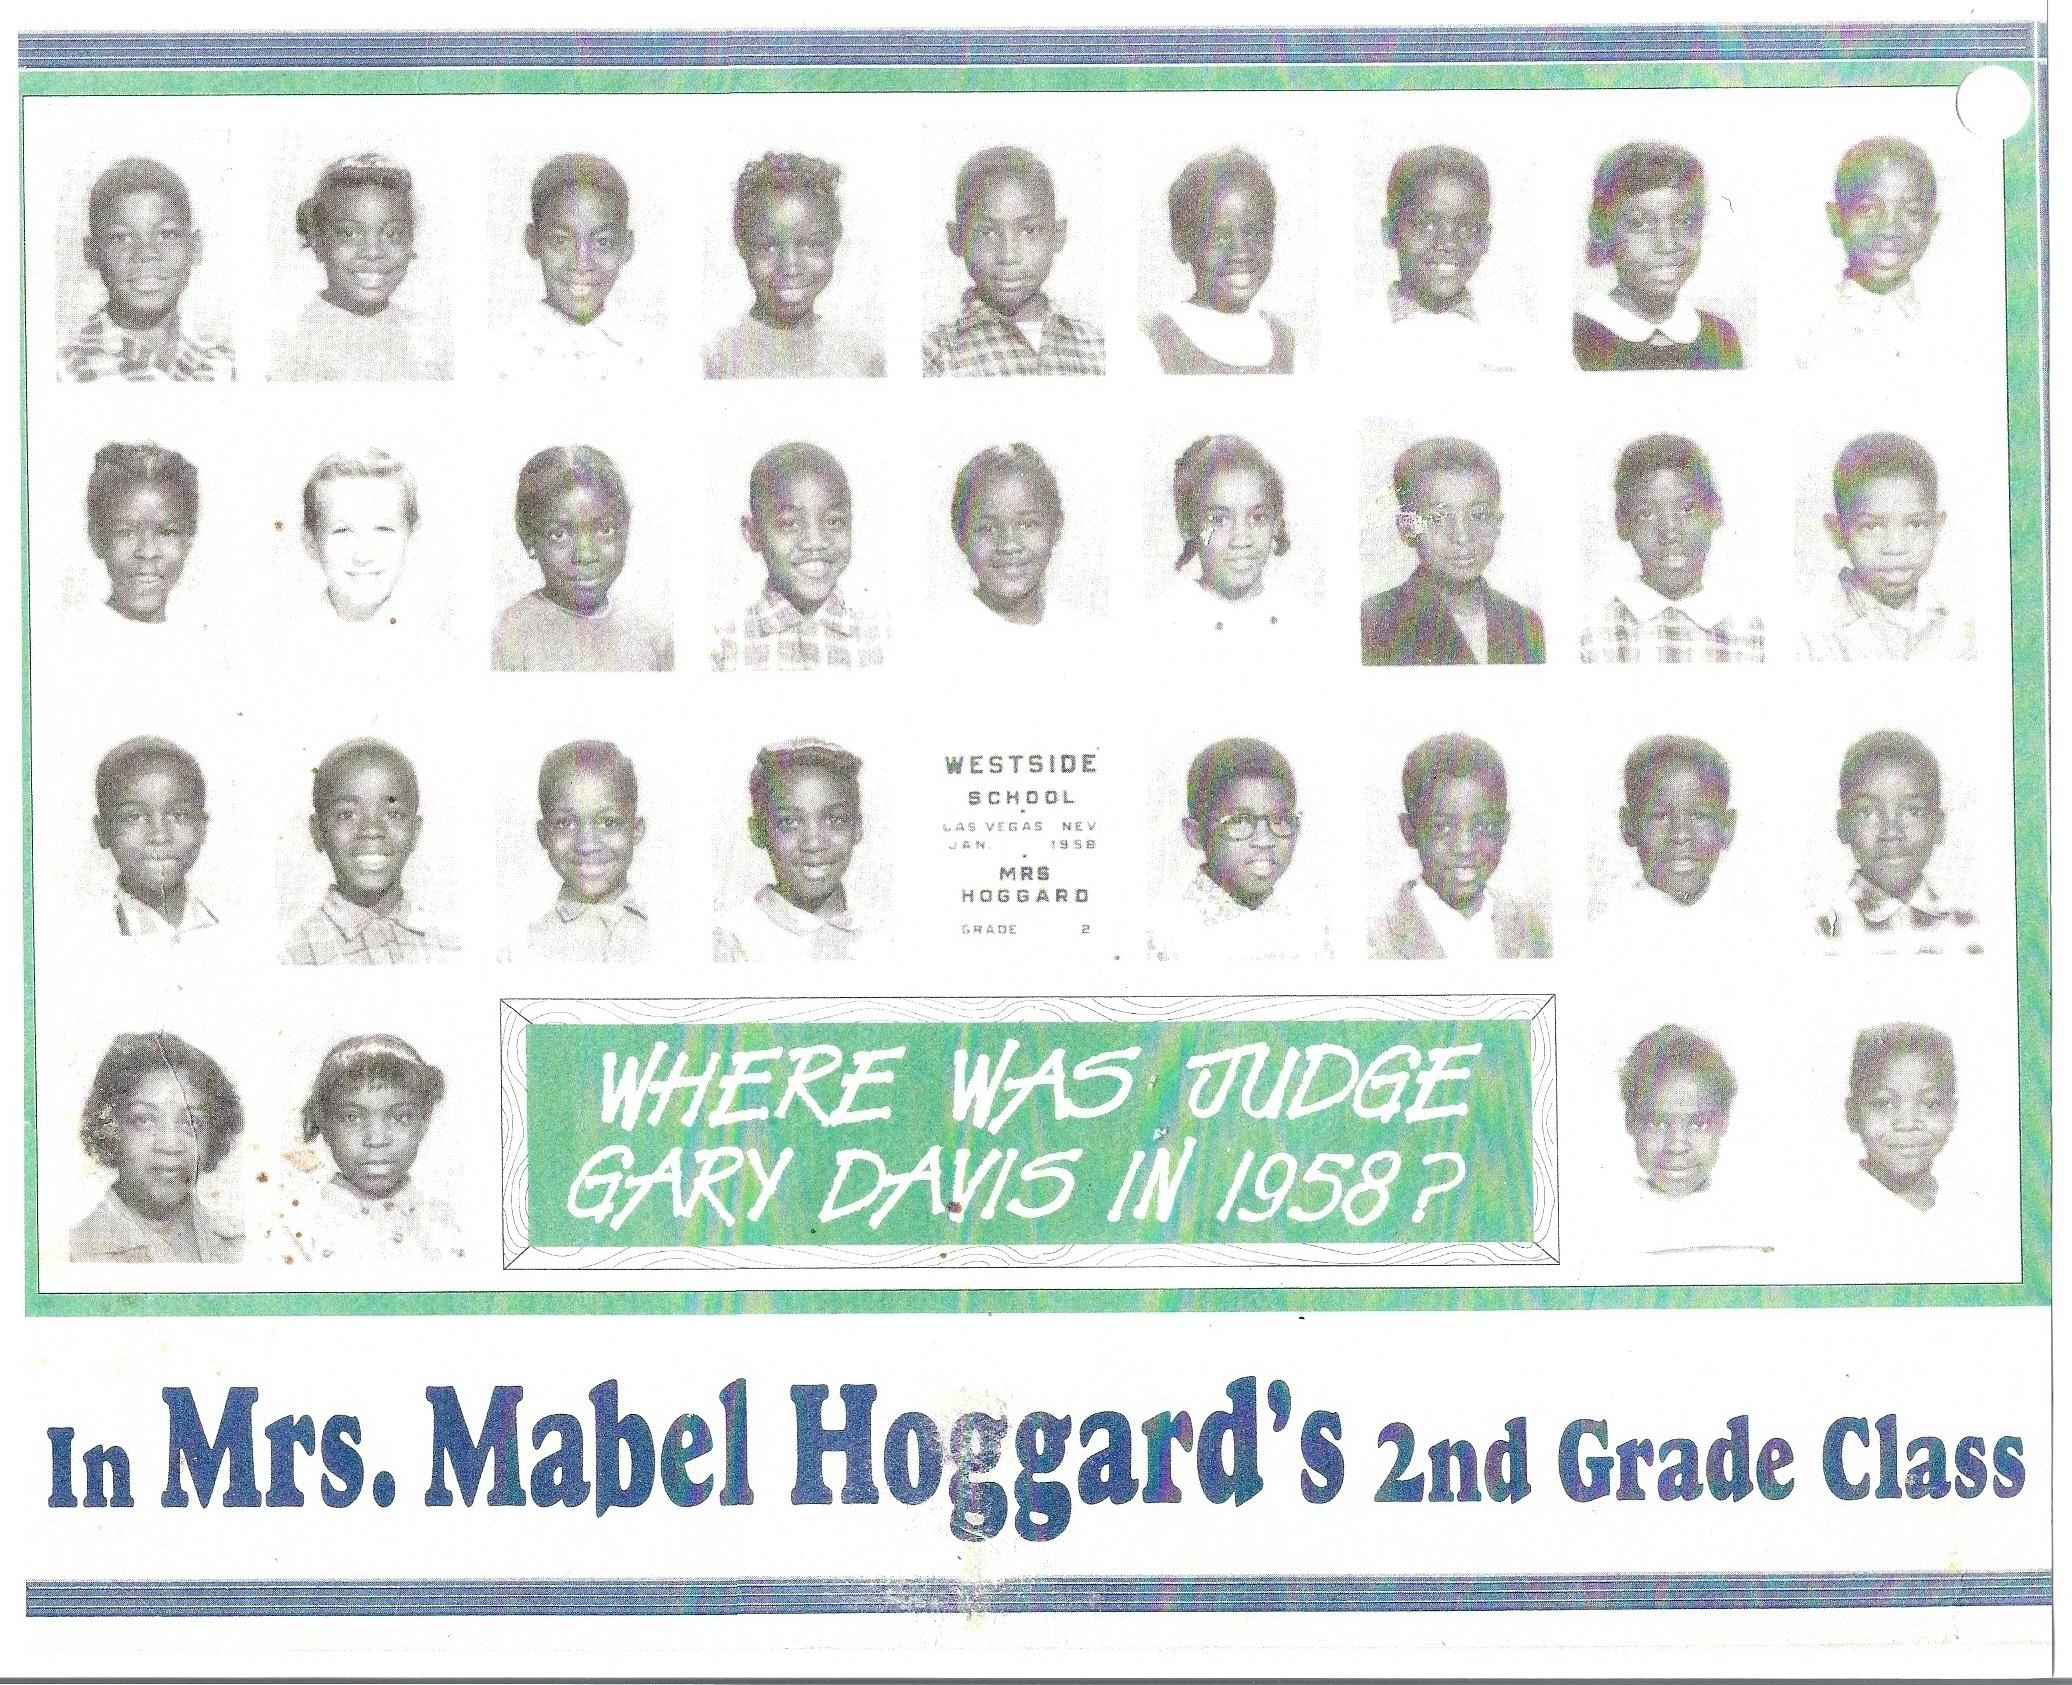 1958 2nd Grade Class